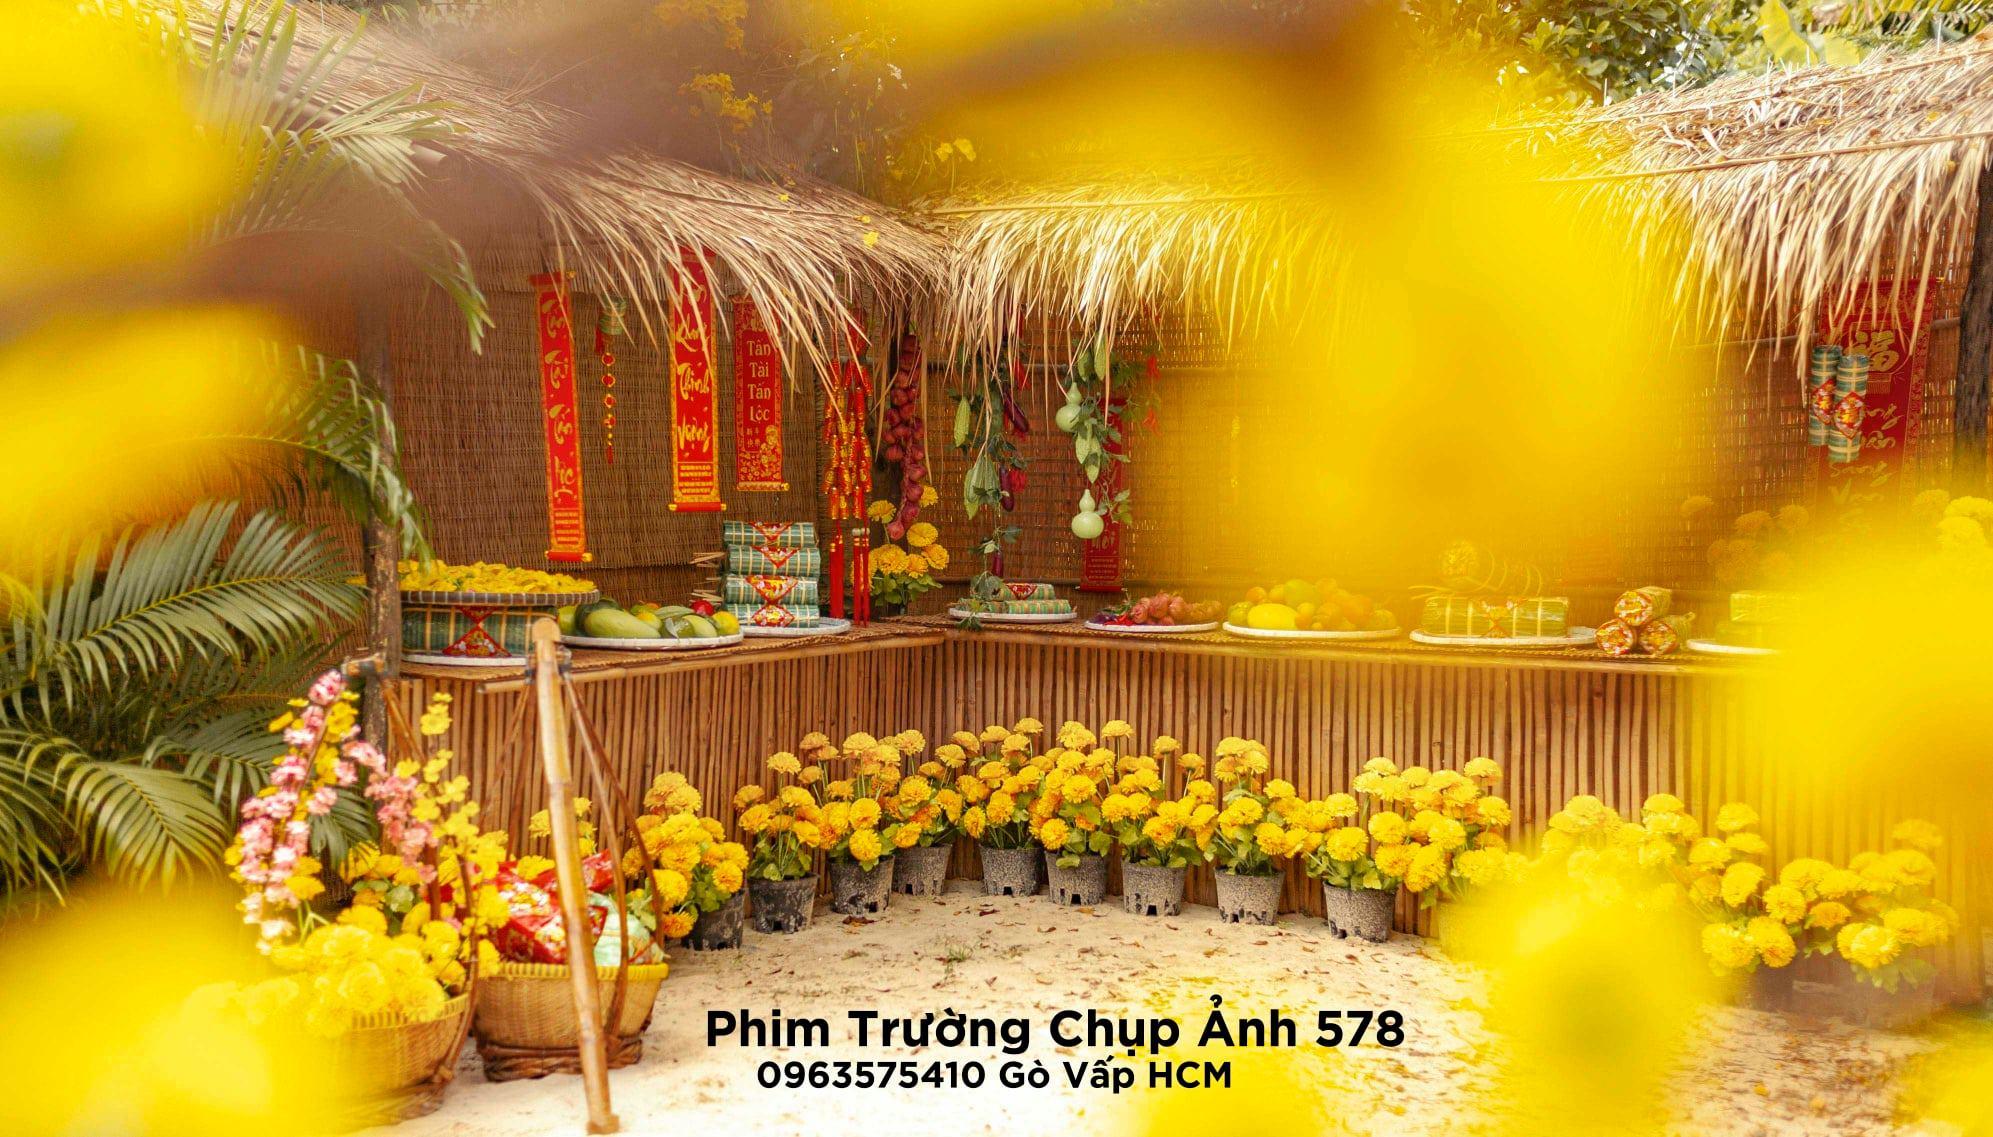 Phim truong 578 8 - Review phim trường 578, địa điểm chụp ảnh tết 2021 HOT tại Tp.HCM